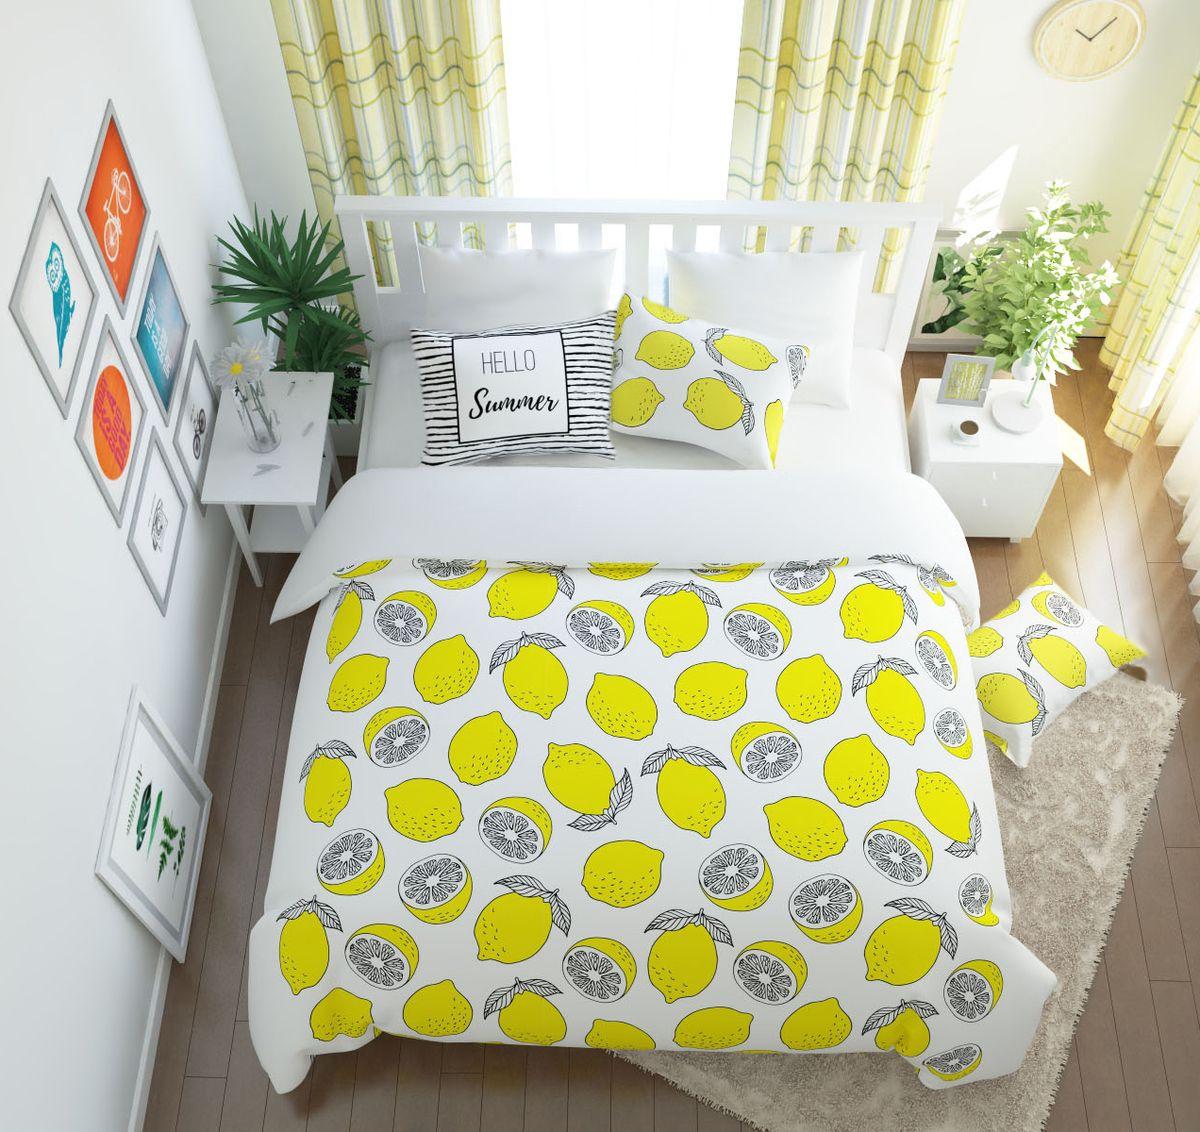 Комплект белья Сирень Лимонный фреш, 1,5-спальный, наволочки 50x7007920-КПБ-МКомплект постельного белья Сирень Лимонный фреш состоит из простыни, пододеяльника и 2 наволочек. Комплект выполнен из современных гипоаллергенных материалов. Приятный при прикосновении сатин - гарантия здорового, спокойного сна. Ткань хорошо впитывает влагу, надолго сохраняет яркость красок. Четкий, изящный рисунок в сочетании с насыщенными красками делает комплект постельного белья неповторимой изюминкой любого интерьера. Постельное белье идеально подойдет для подарка.